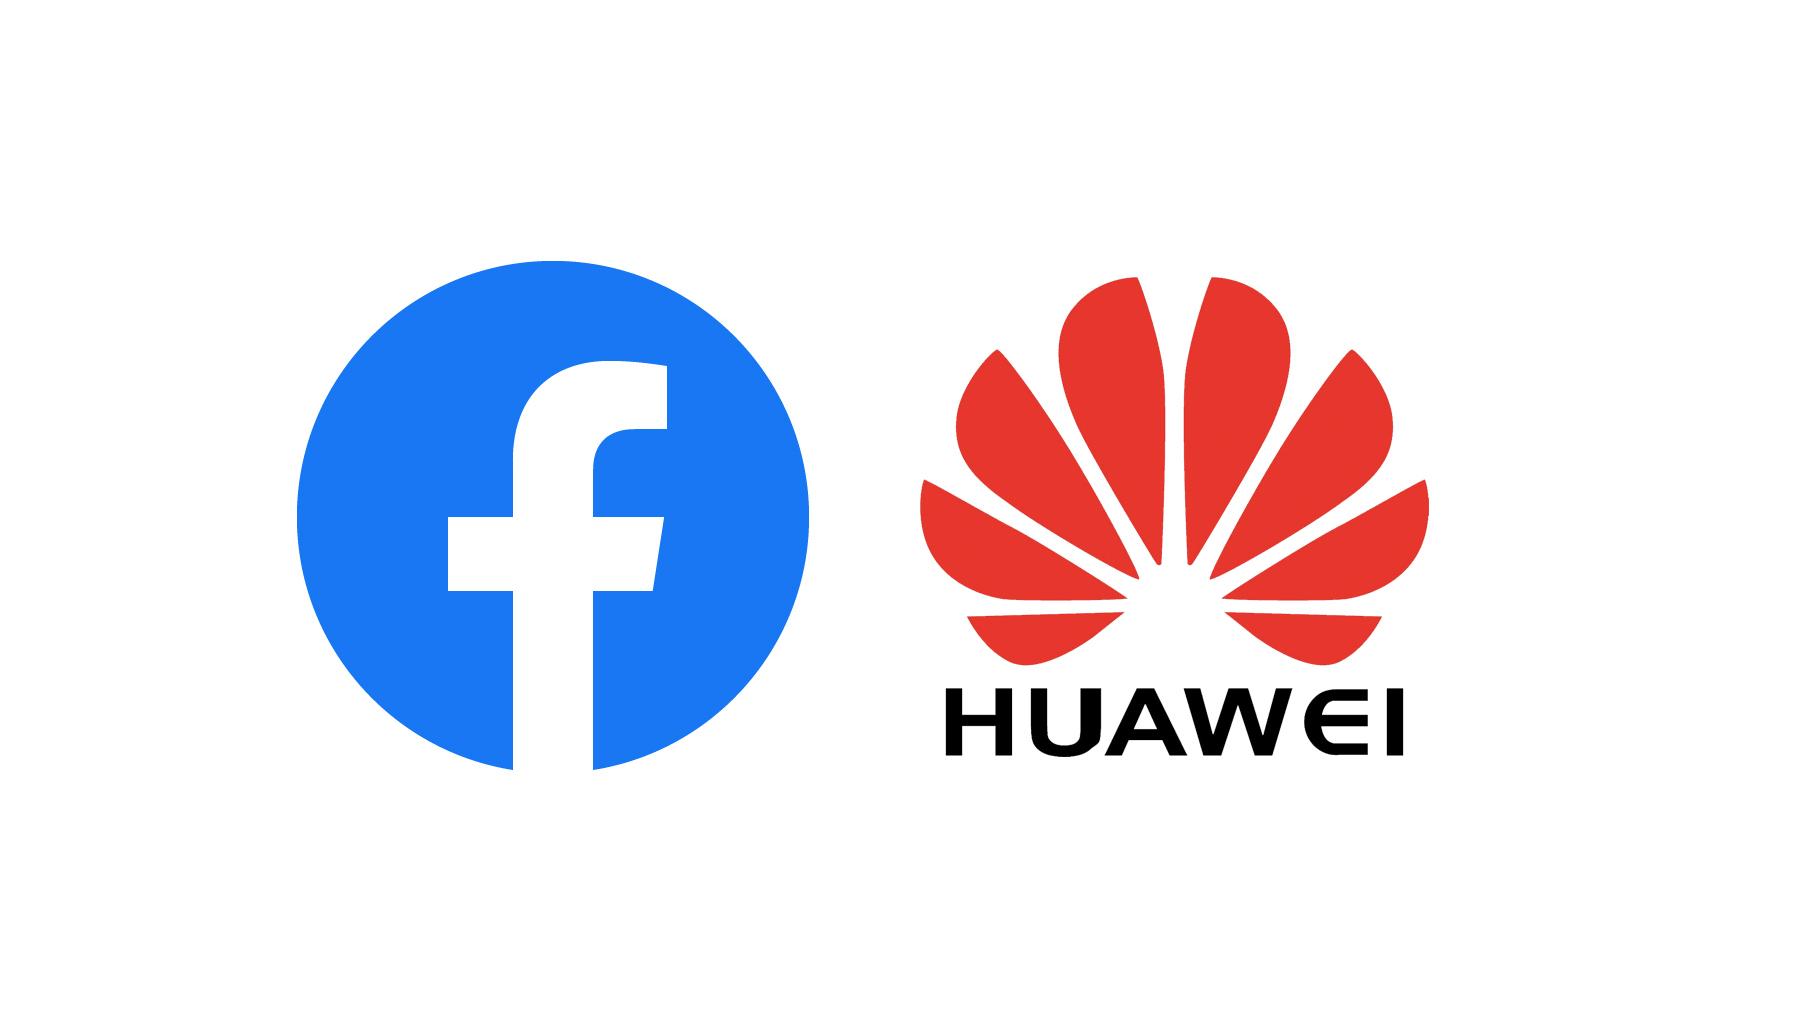 Facebook ukončuje spolupráci s Huawei, někteří budou rádi